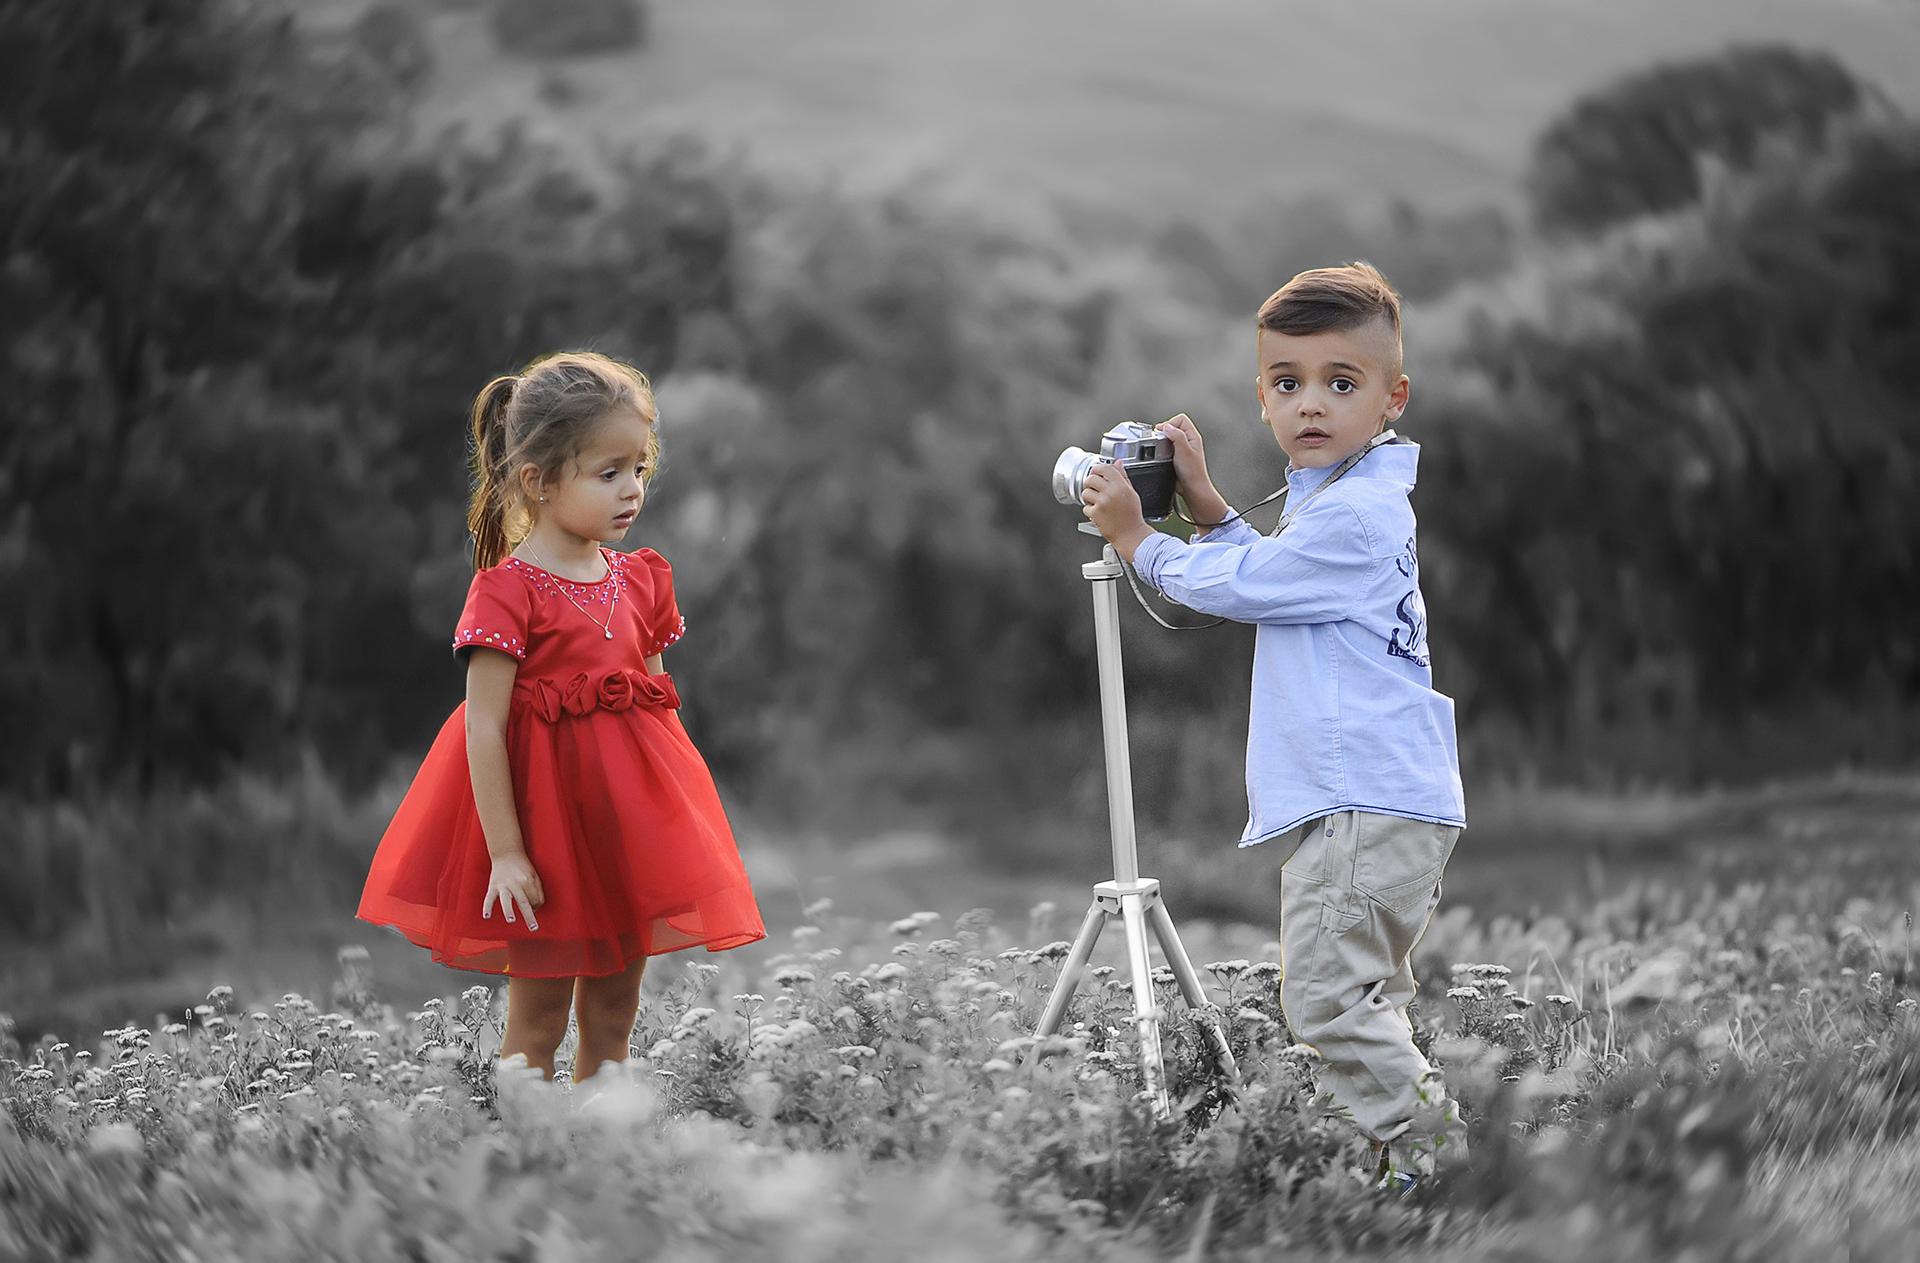 child-920128 noir & blanc sélectif2